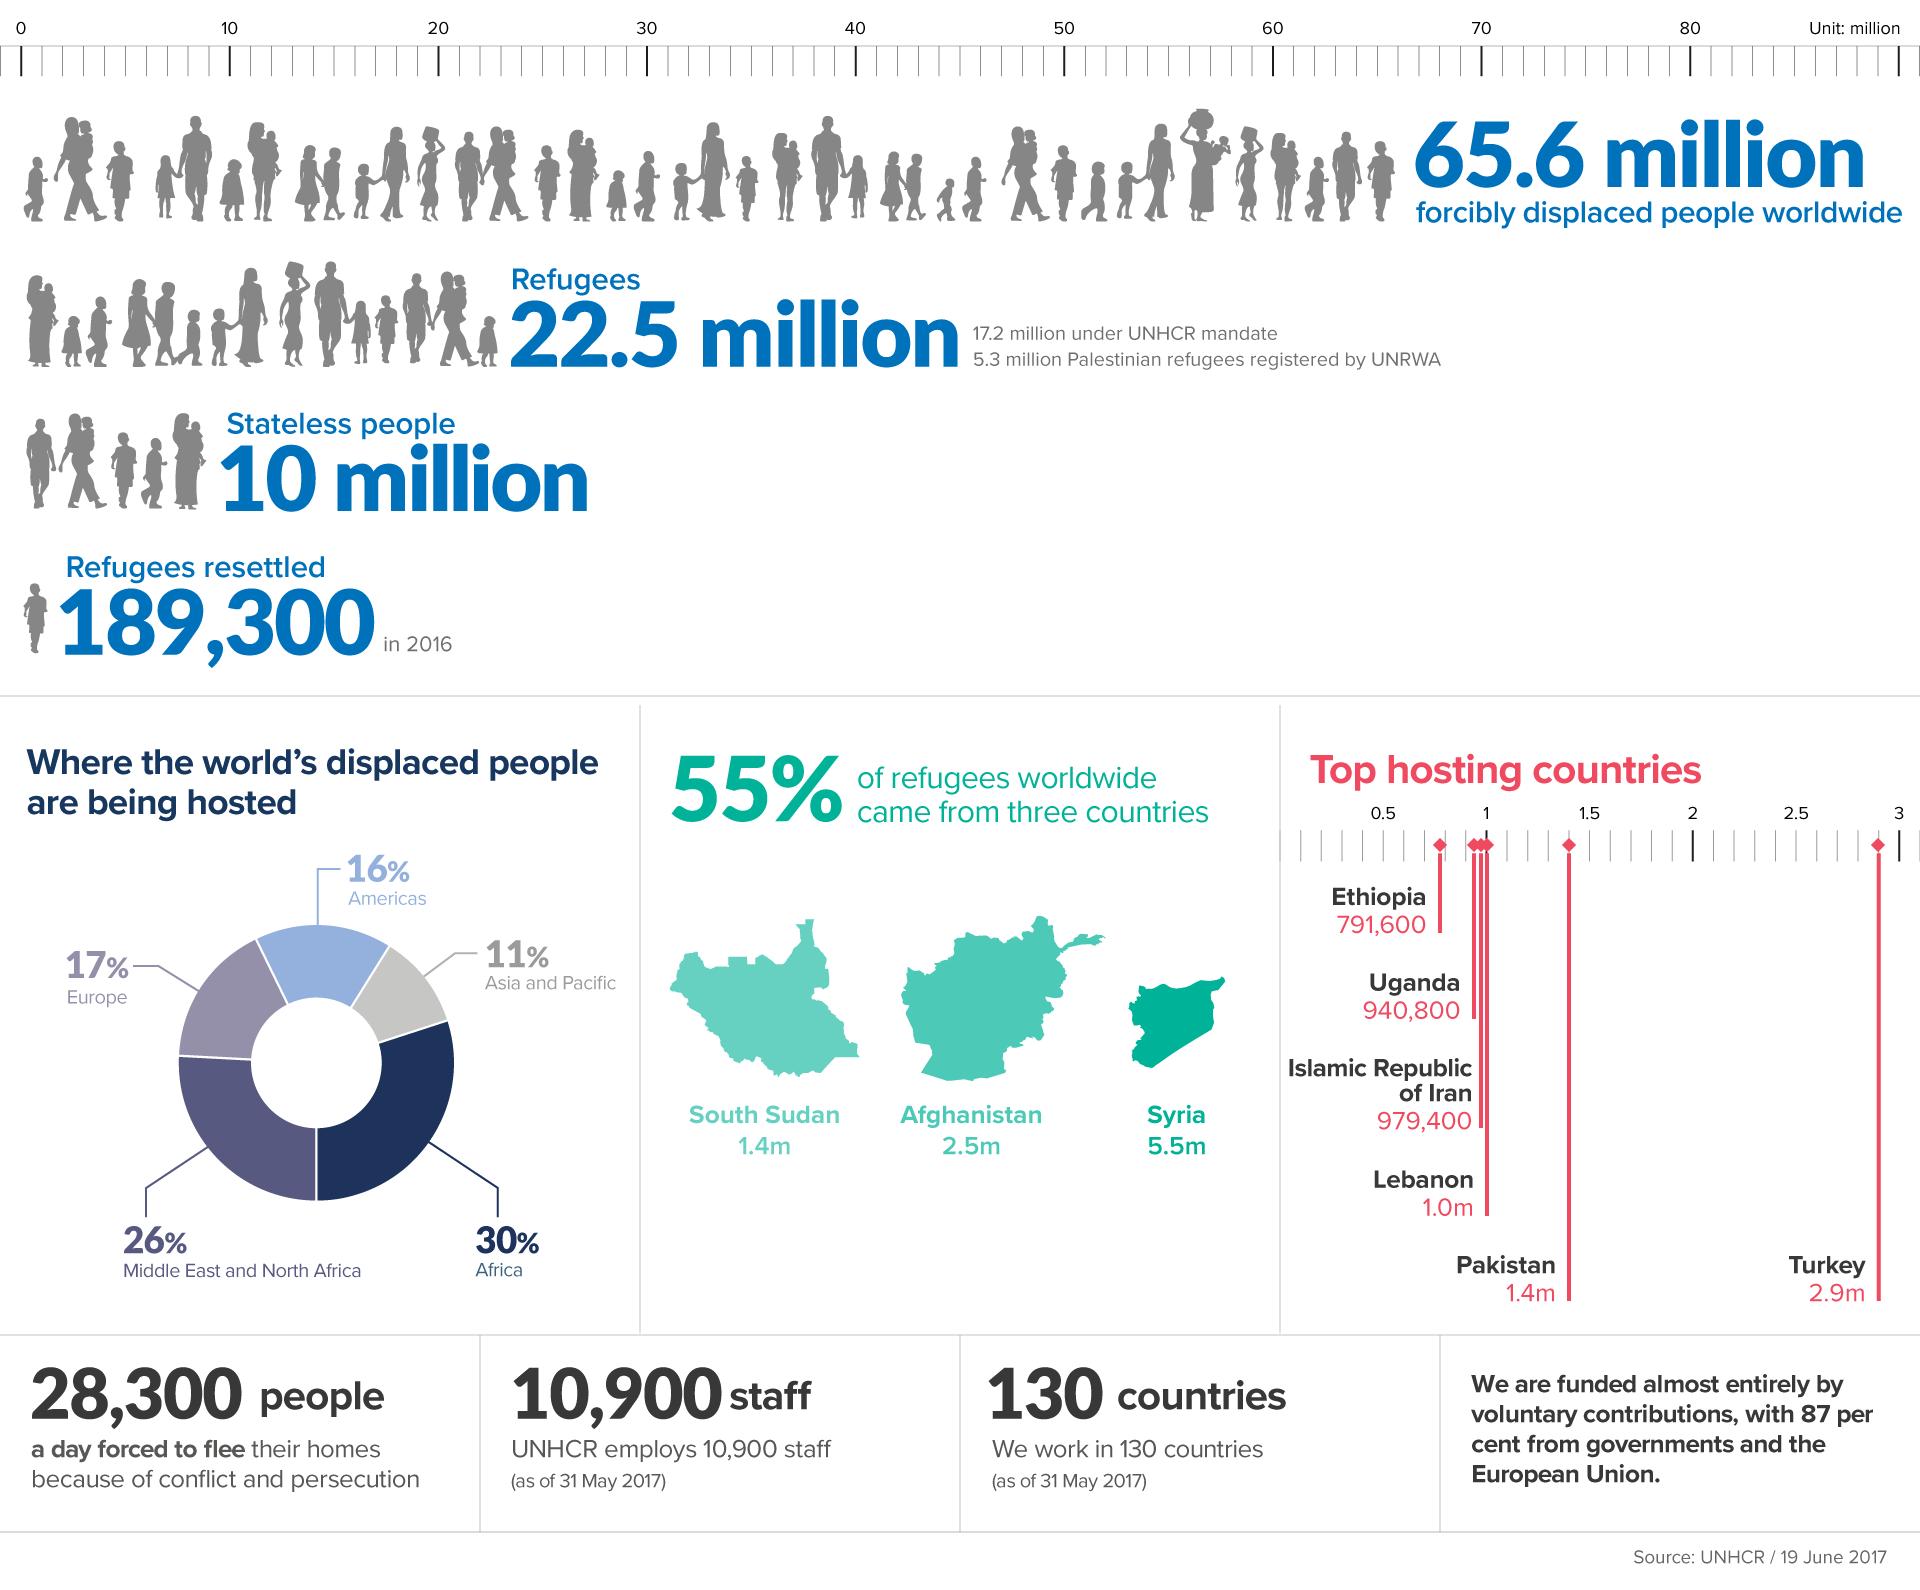 English FiguresAtAGlance Infographic14JUN2017 - Die Aufgaben des UNHCR